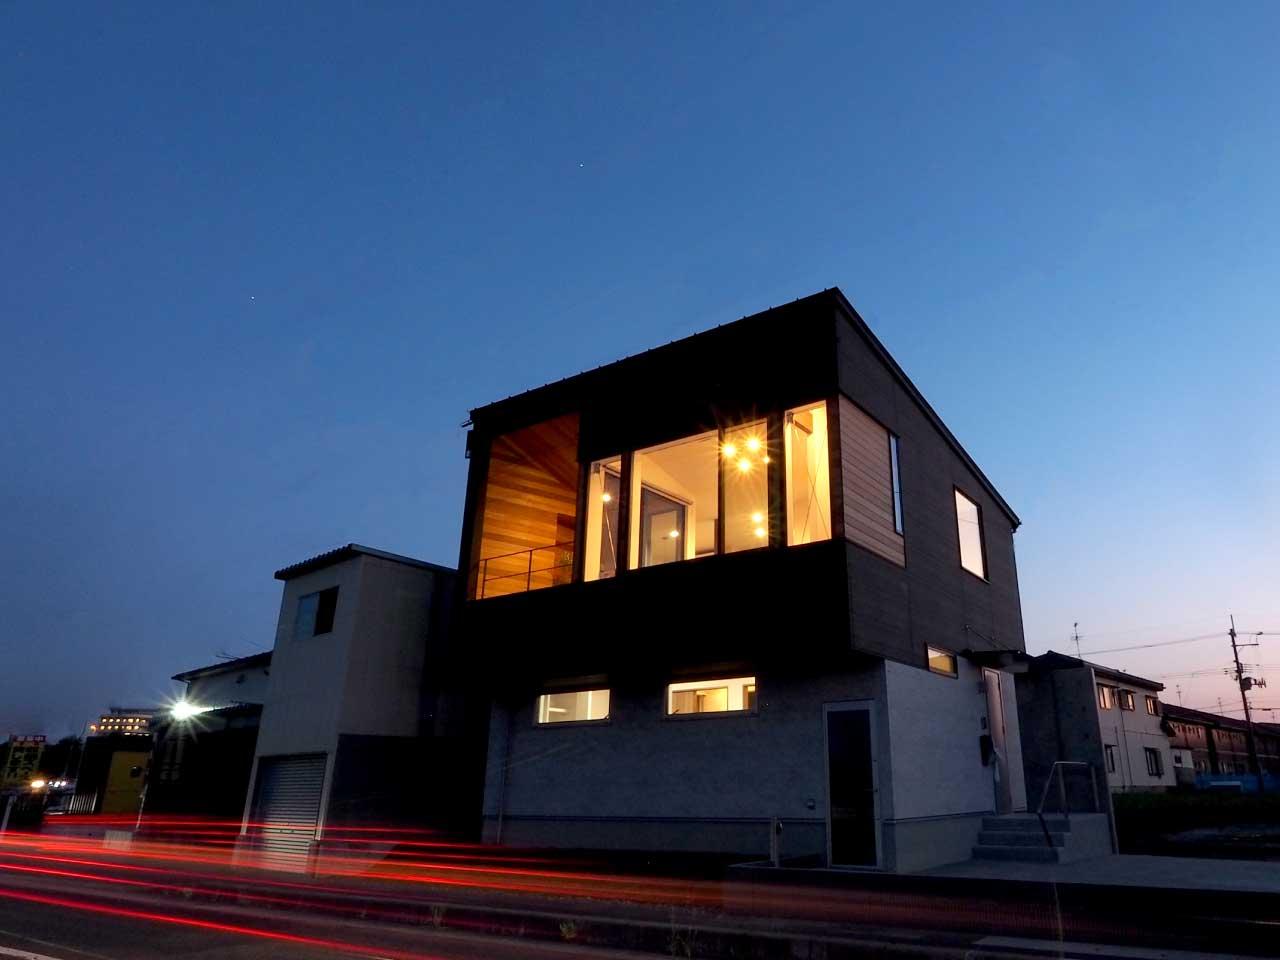 グリーンスタイル上沼デザイン住宅--外観斜め前-夜間撮影